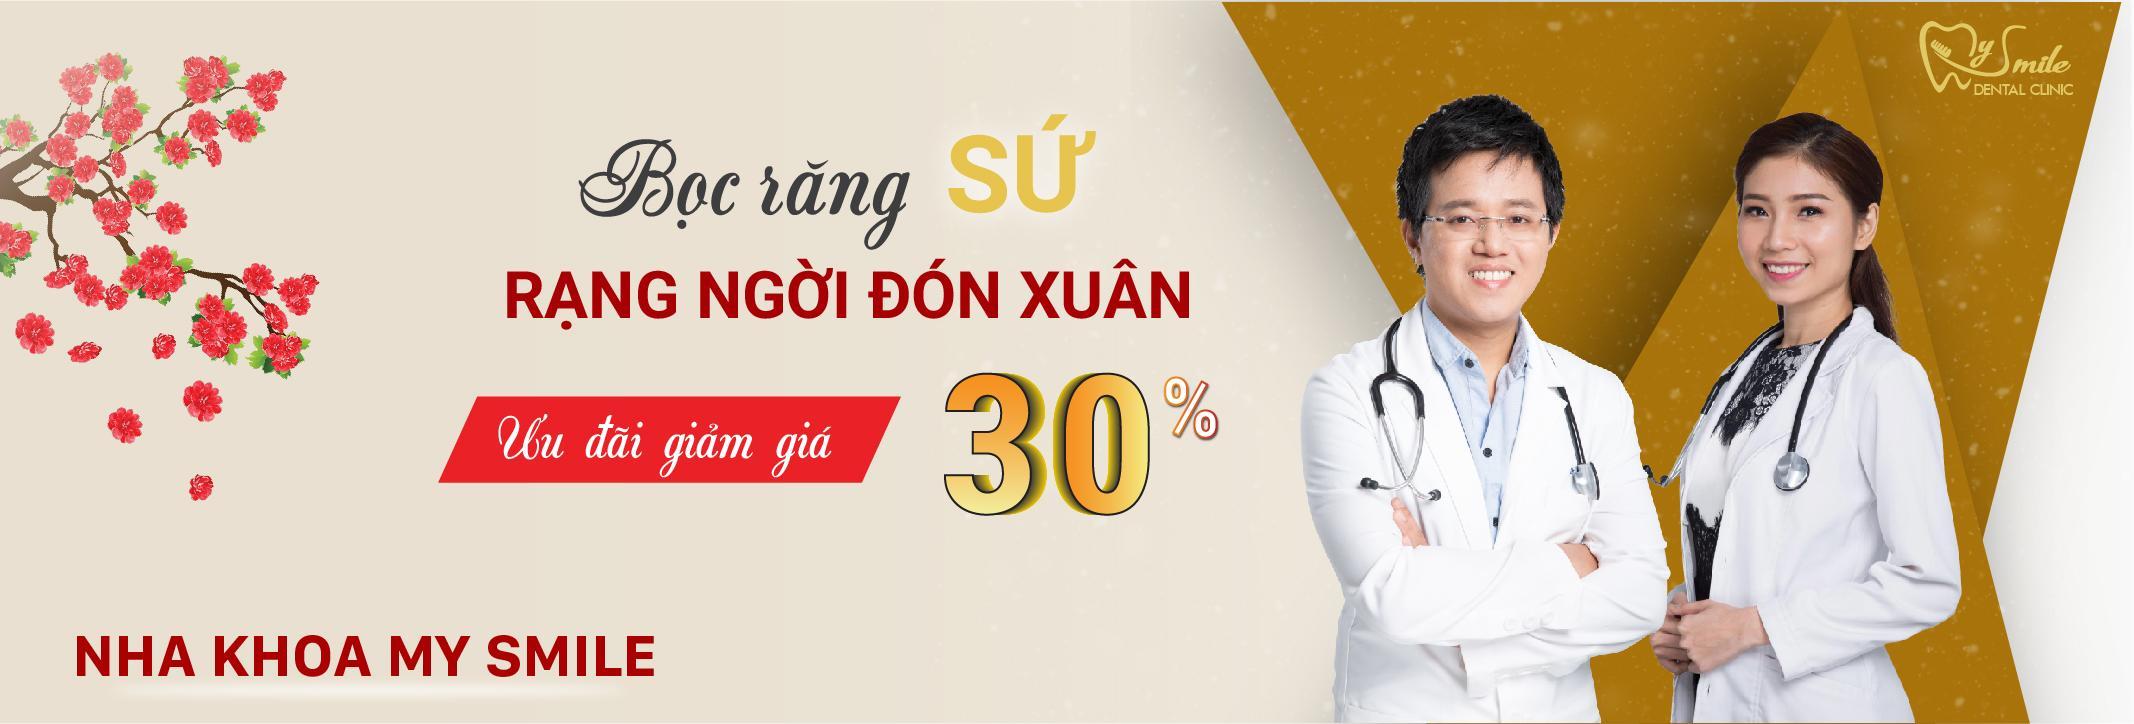 My Smile Clinic - Trồng răng implant giá rẻ tại Đà Nẵng